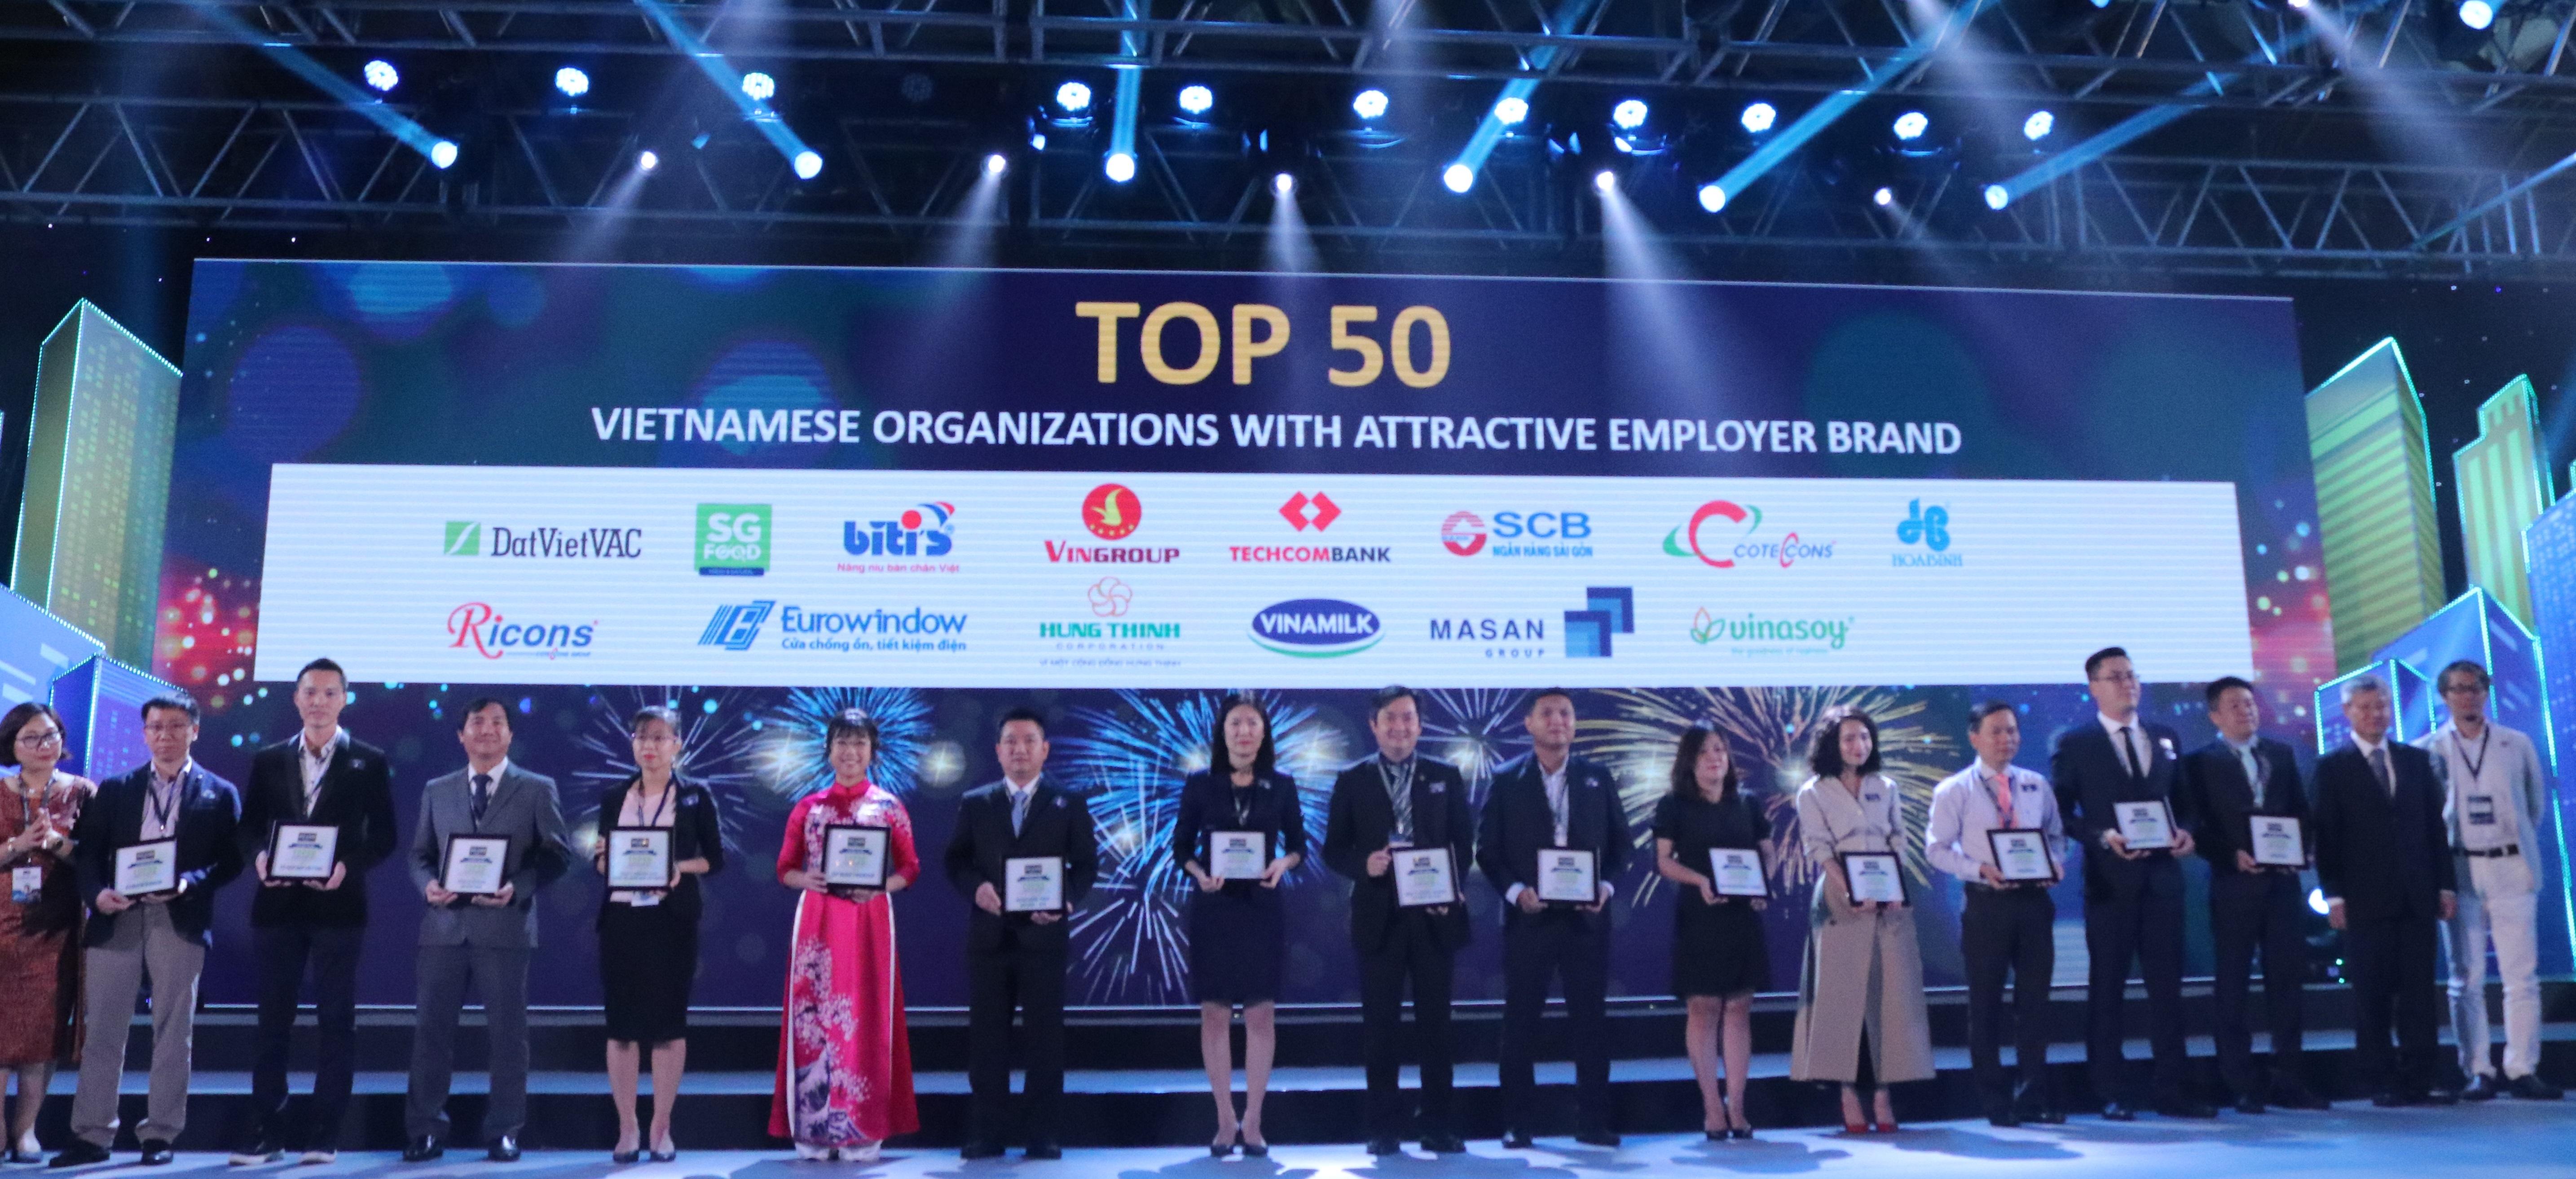 Techcombank liên tiếp giữ vững Top 2 nơi làm việc tốt nhất ngành ngân hàng trong 3 năm liền  - Ảnh 3